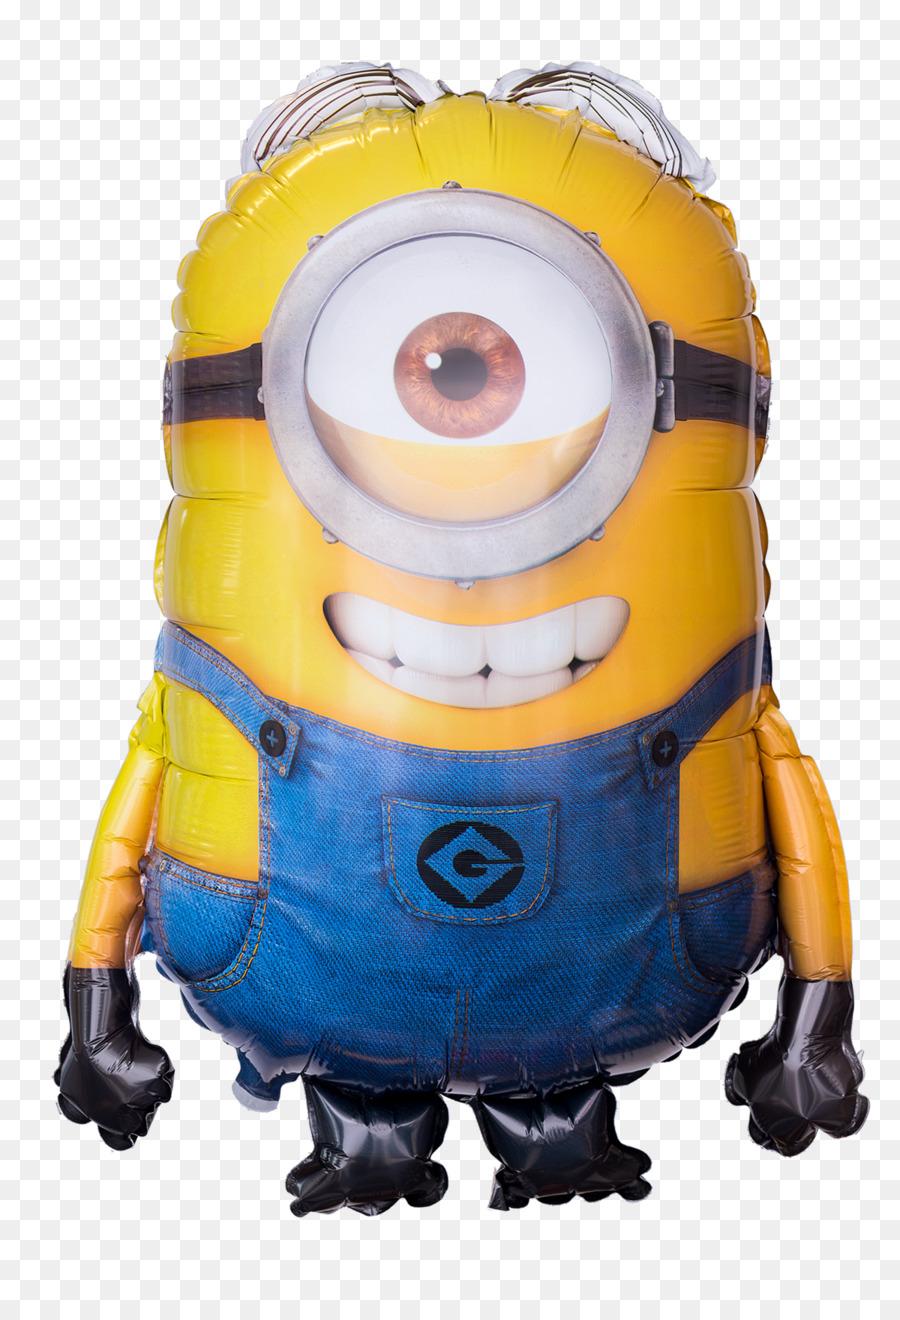 Stuart The Minion Toy Balloon Film Yellow Dave The Minion Minions